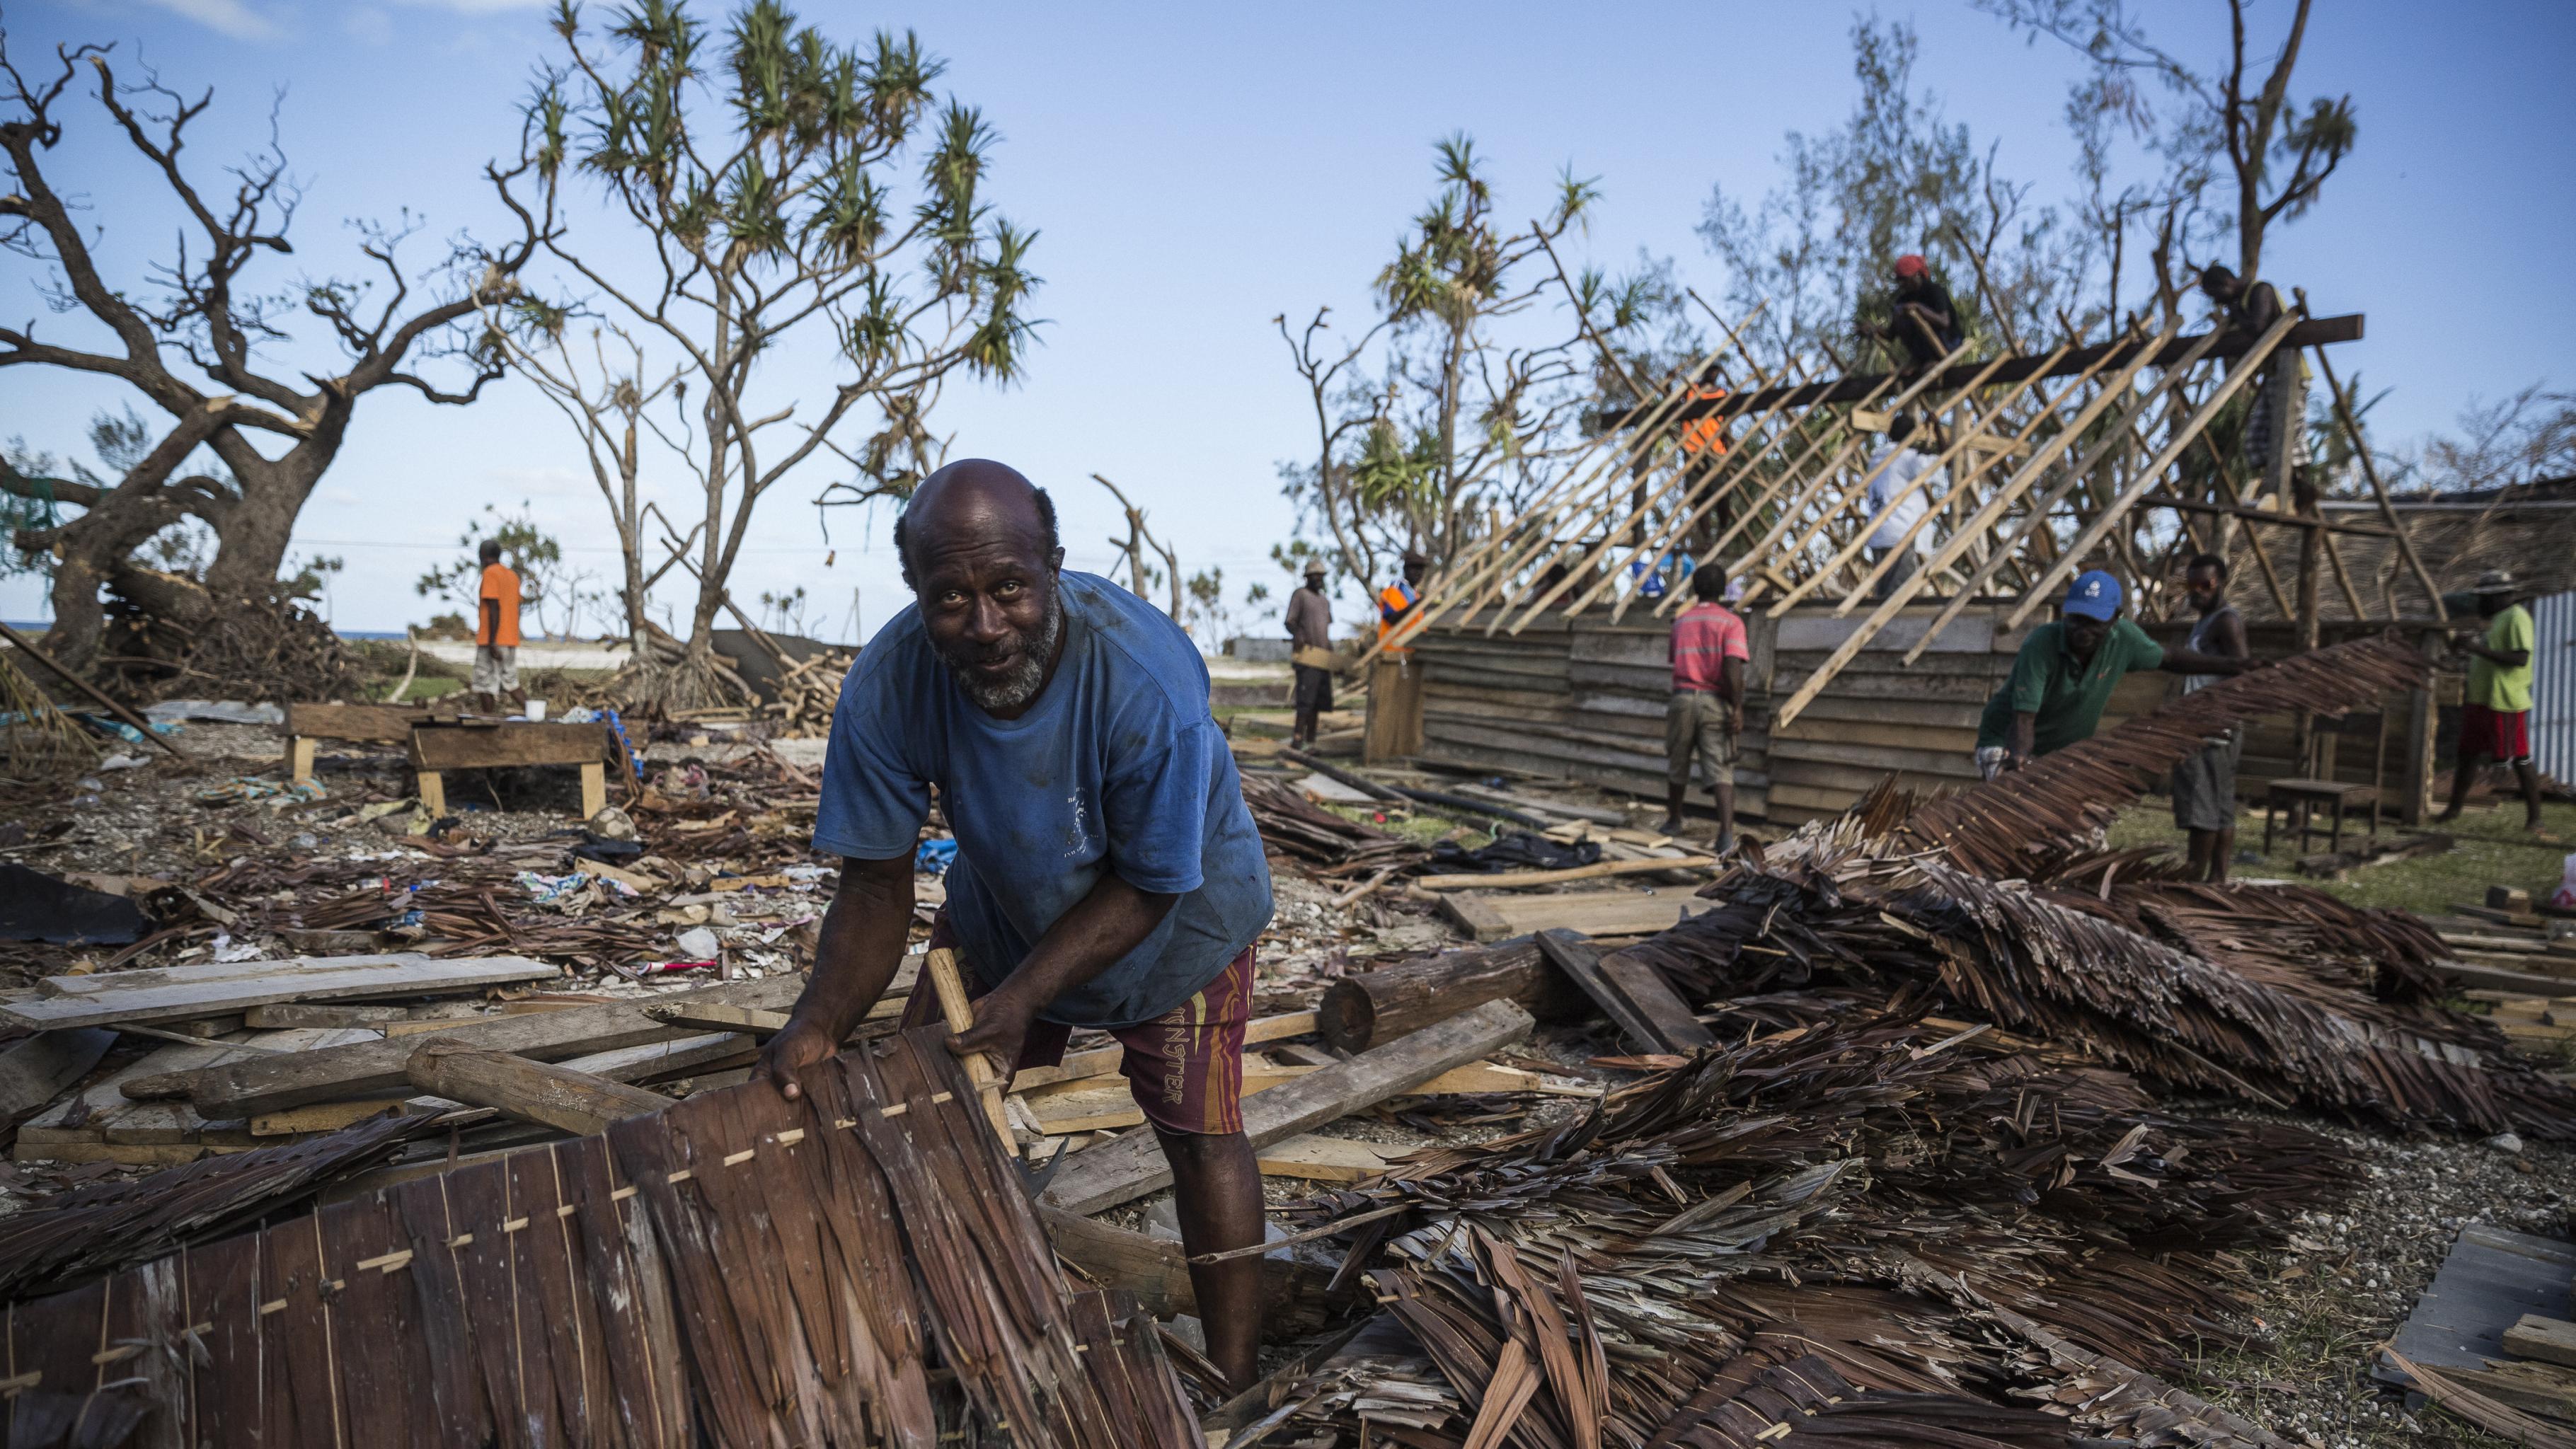 Mann steht in Trümmern seines Hauses, das vom Zyklon zerstört wurde